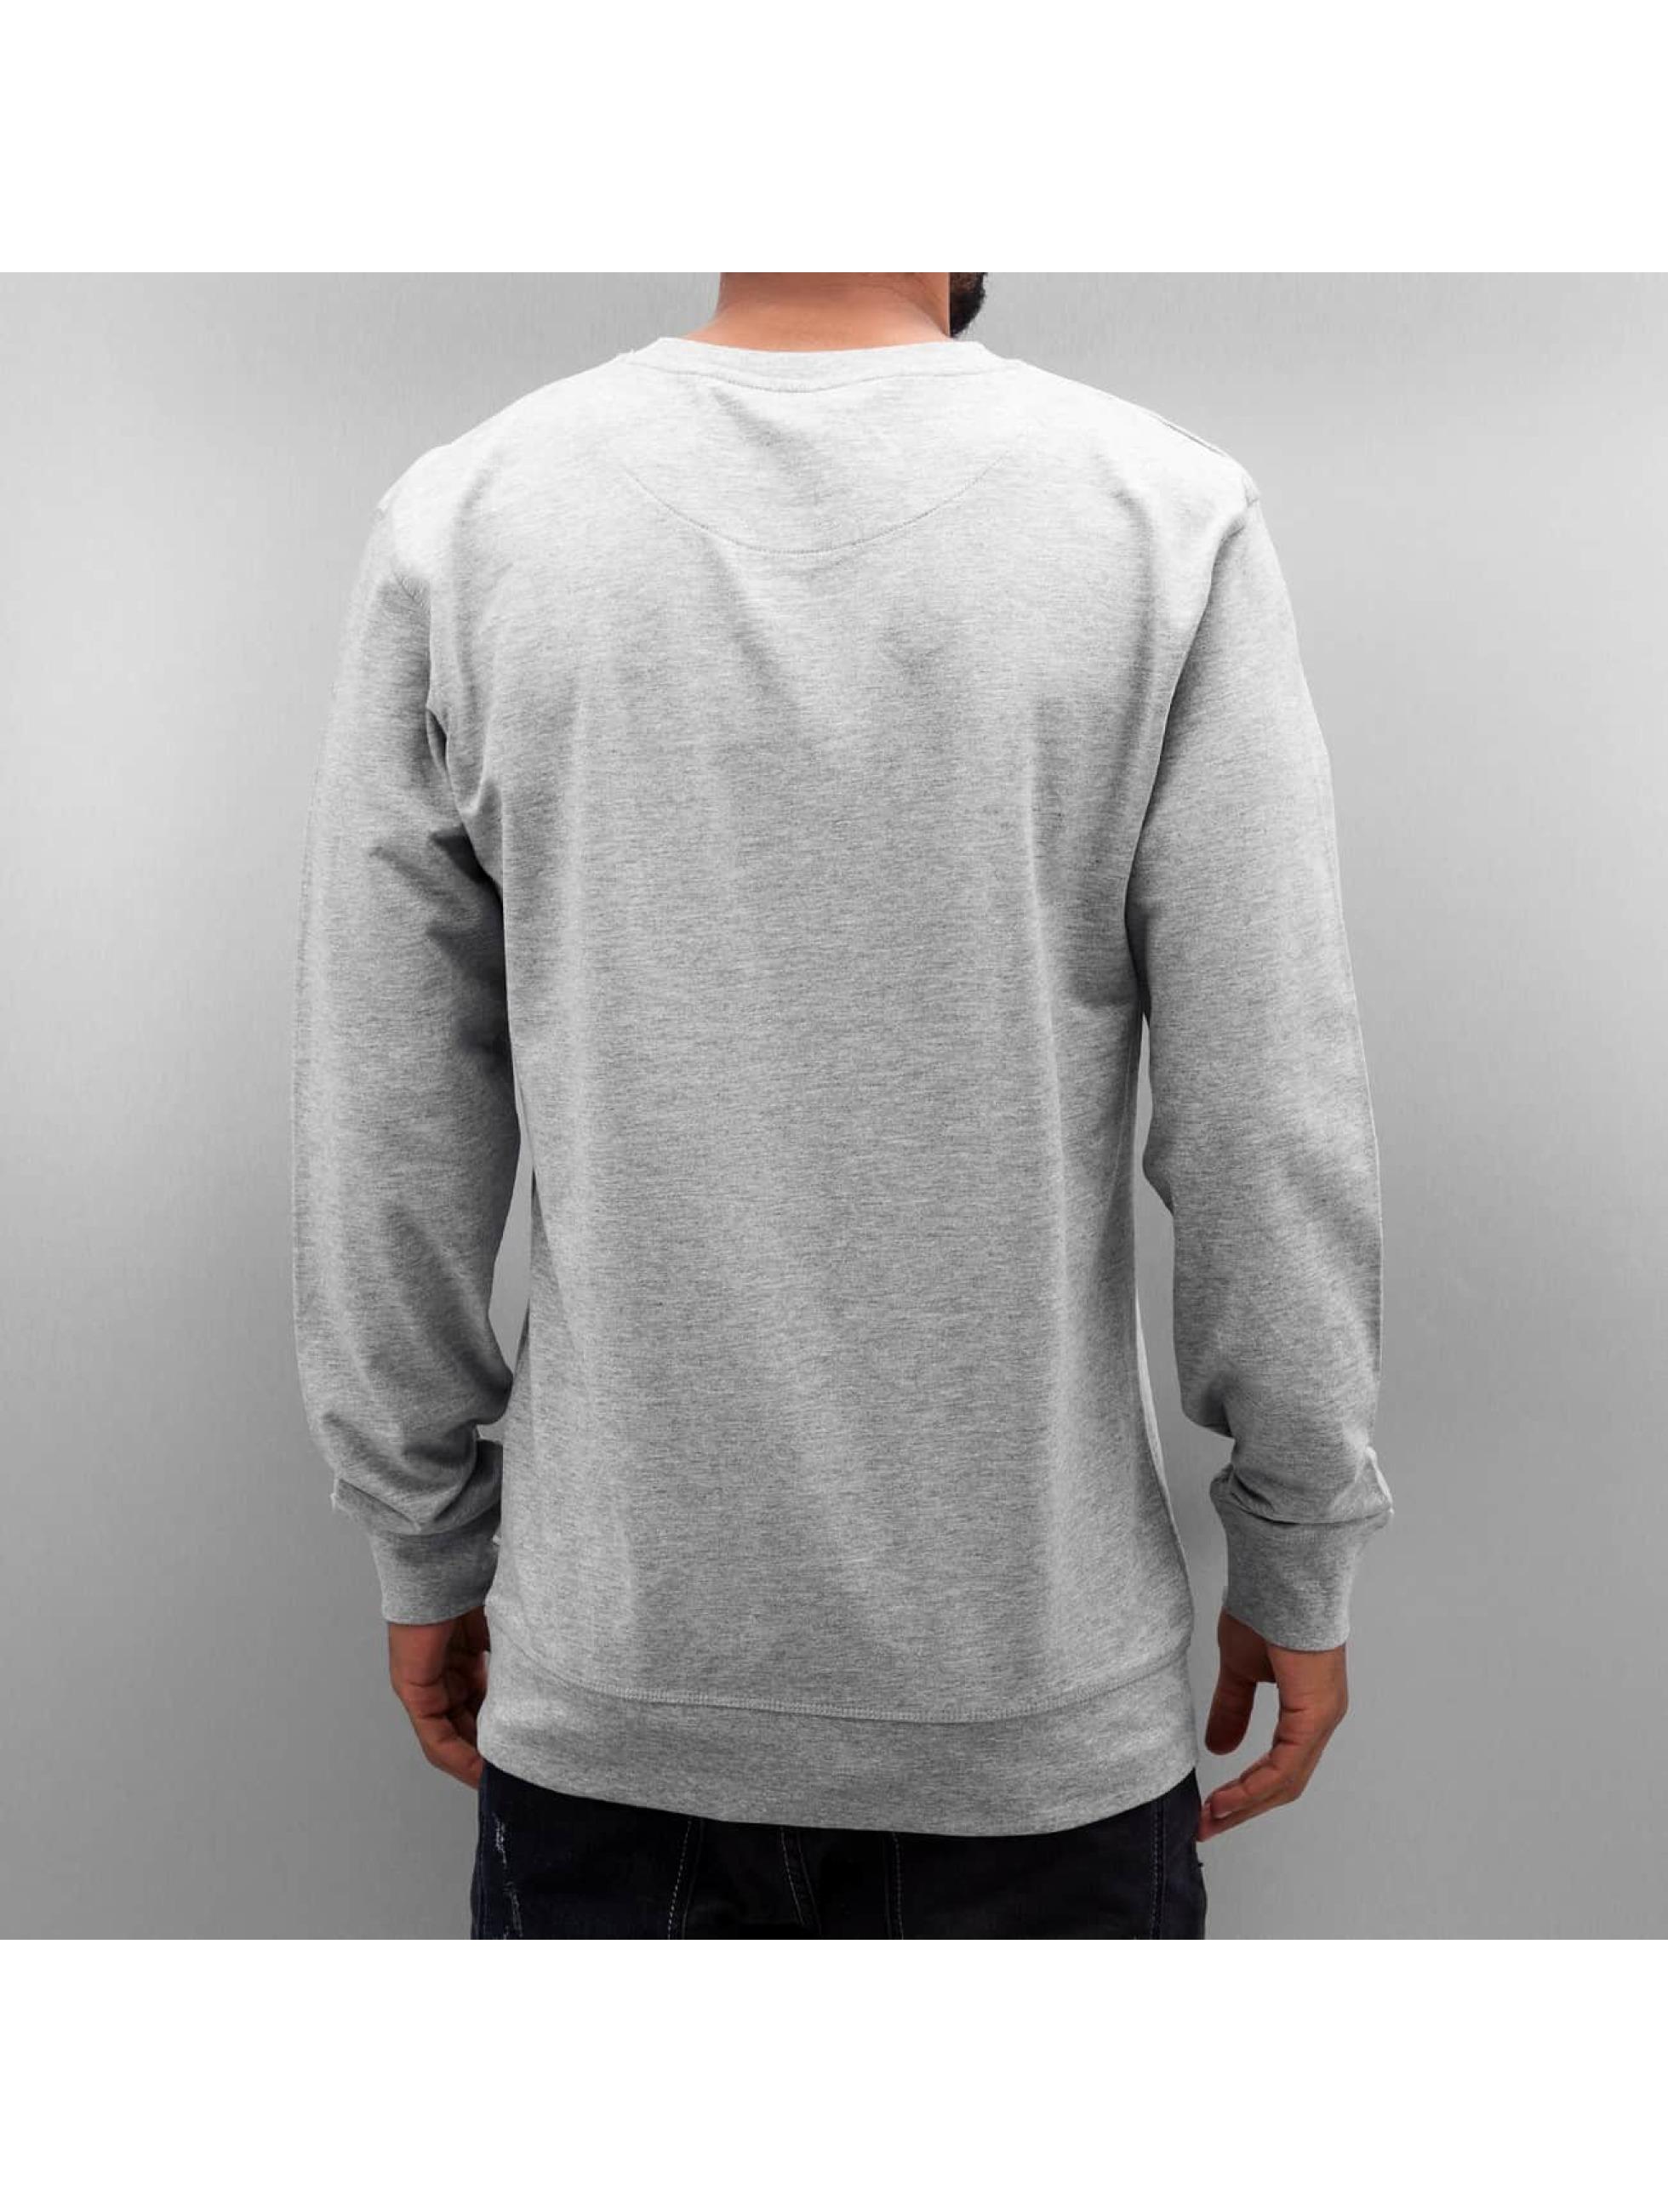 Mister Tee Пуловер John Lennon Imagine серый